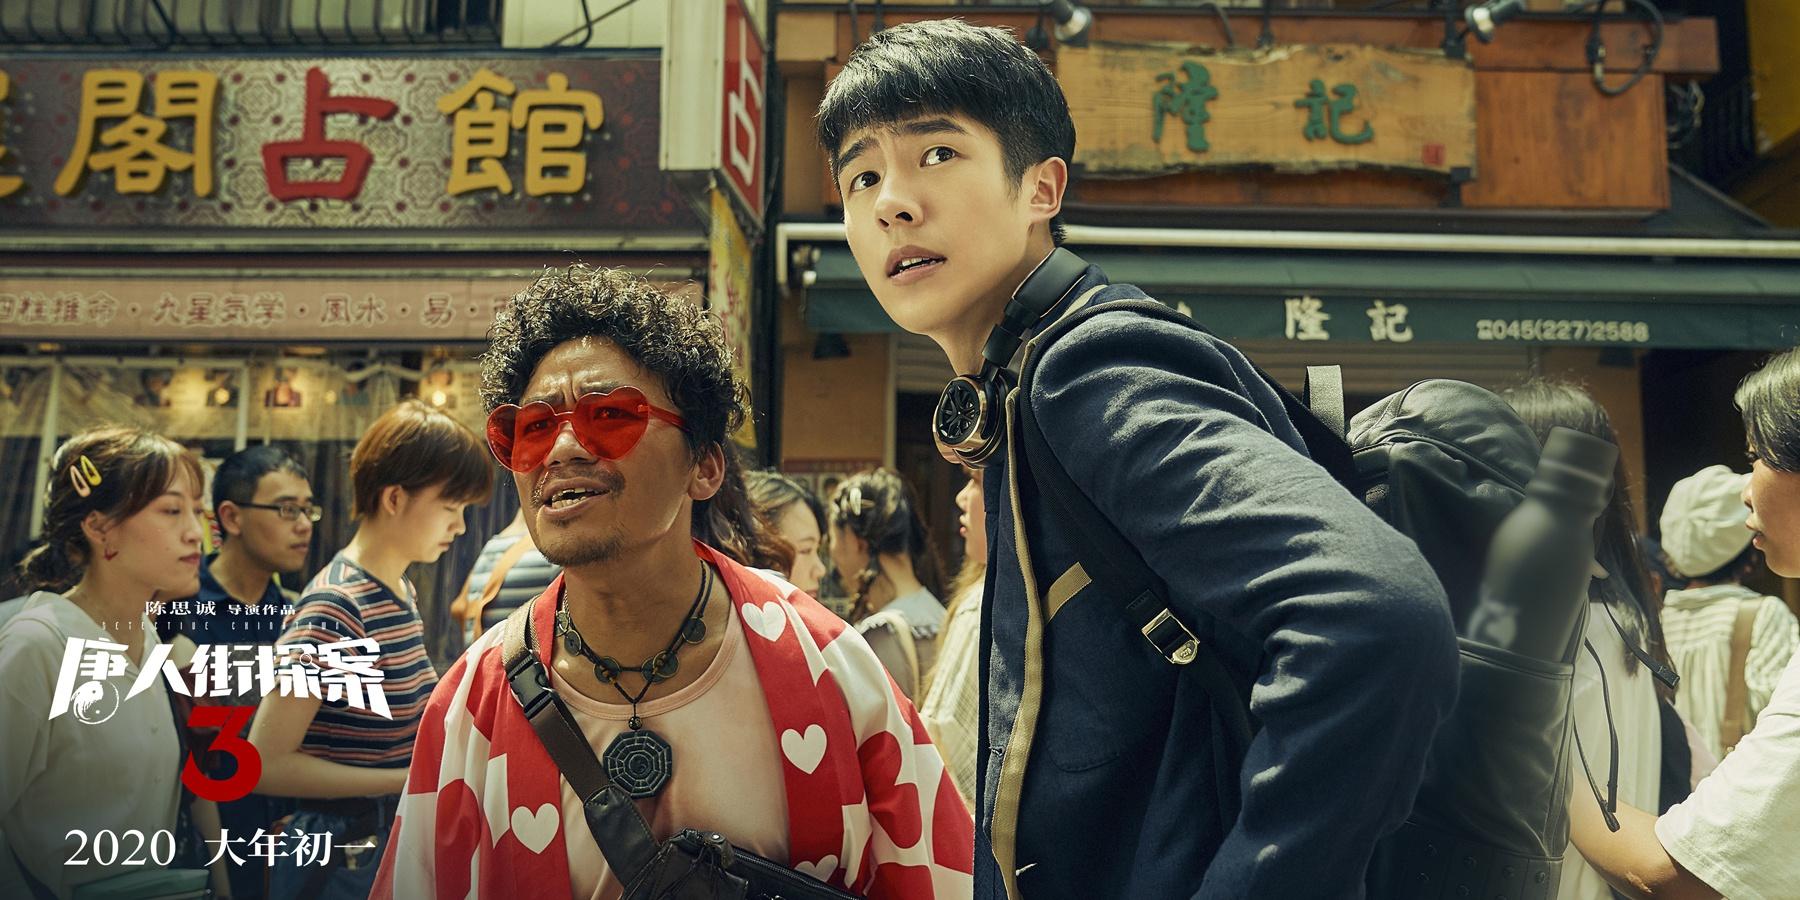 喜卷全球最繁忙涩谷十字路口《唐人街探案3》王宝强刘昊然玩嗨了